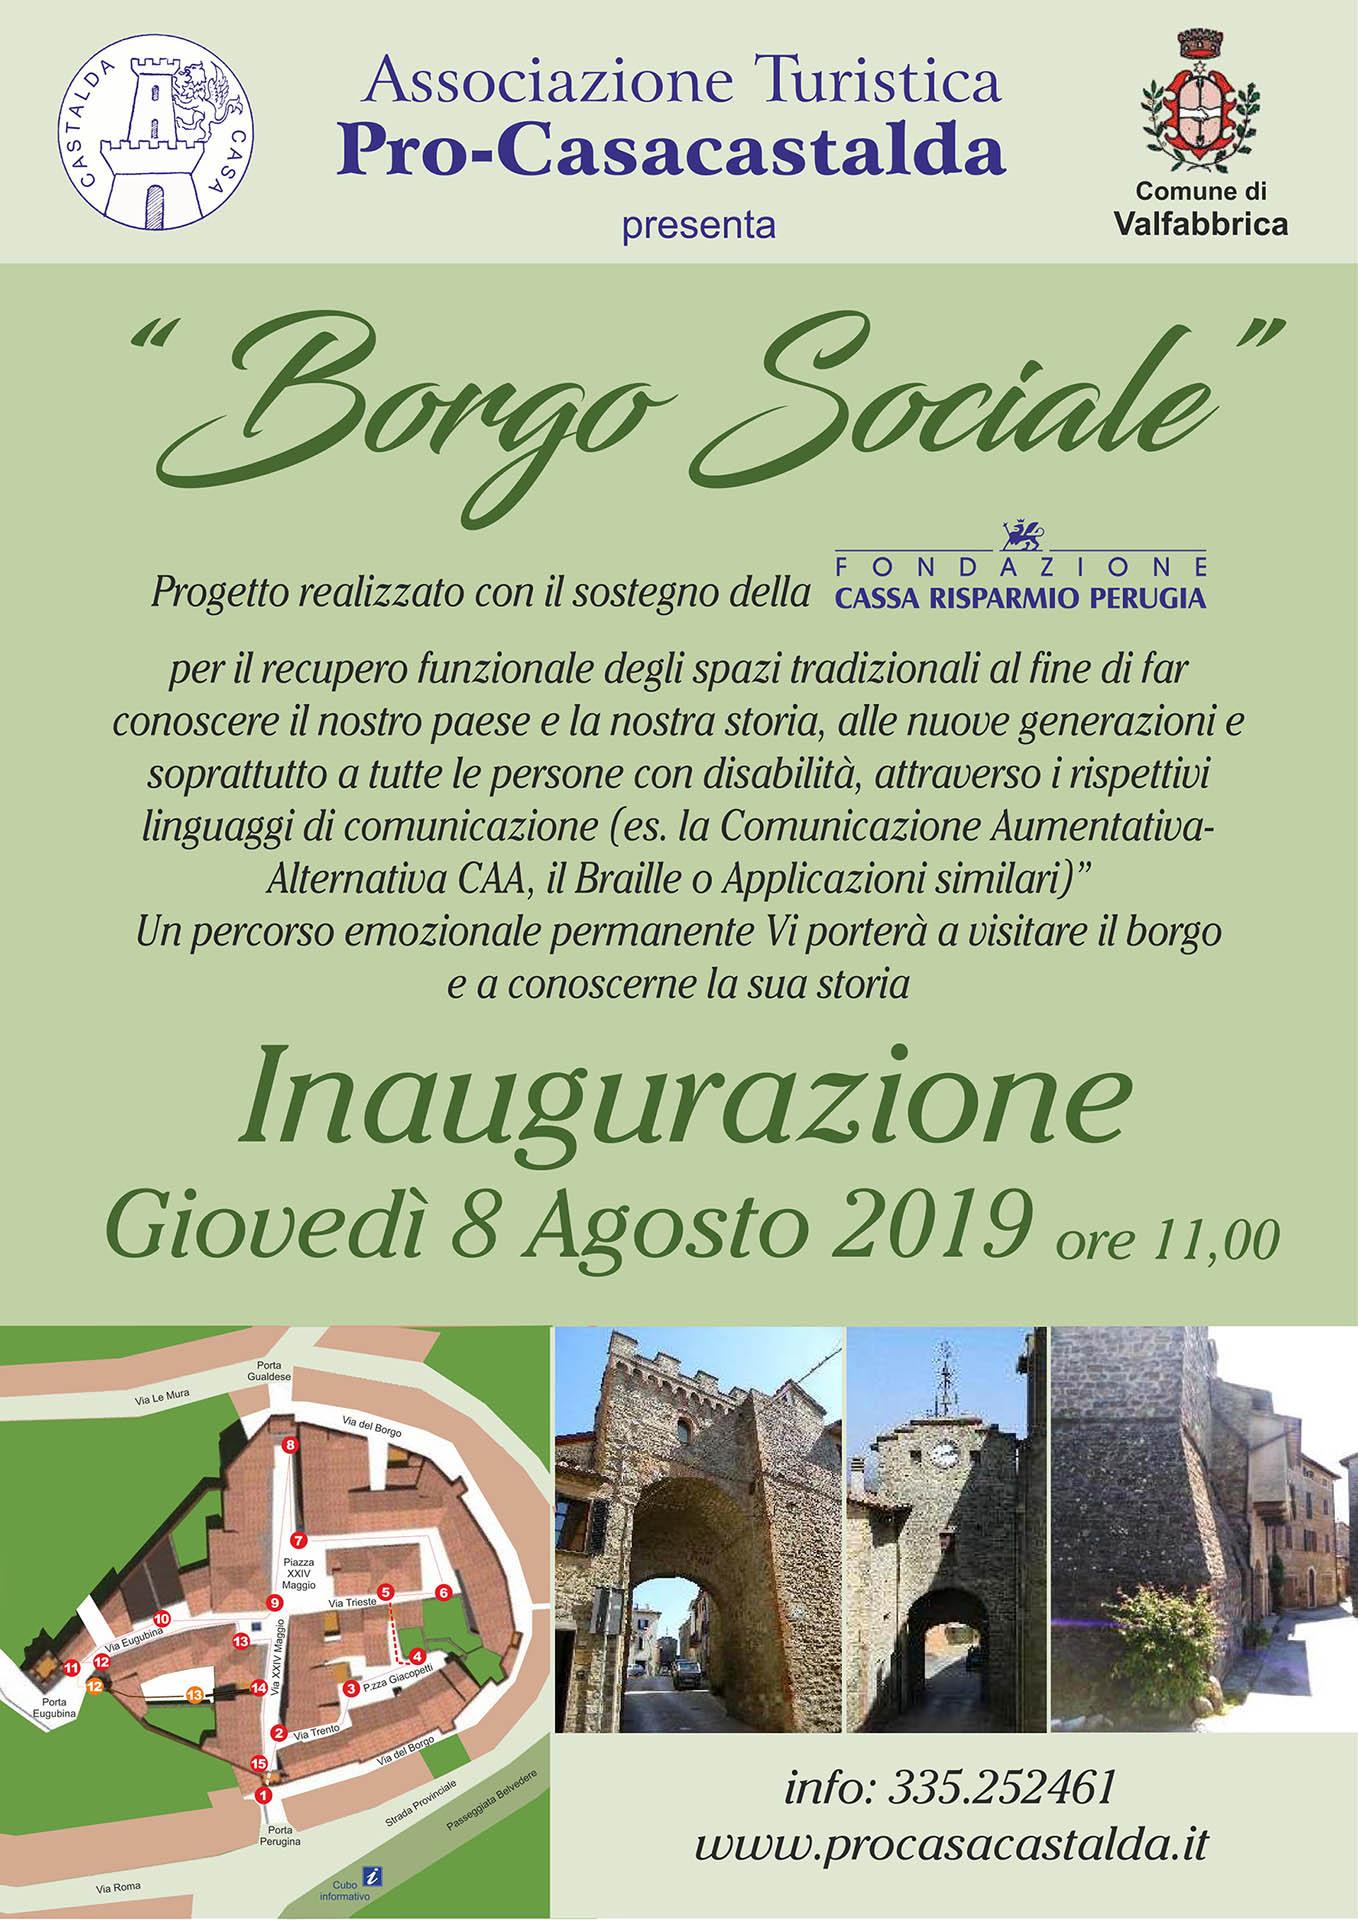 Locandina del Borgo Sociale, inaugurazione dell'8 Agosto 2019